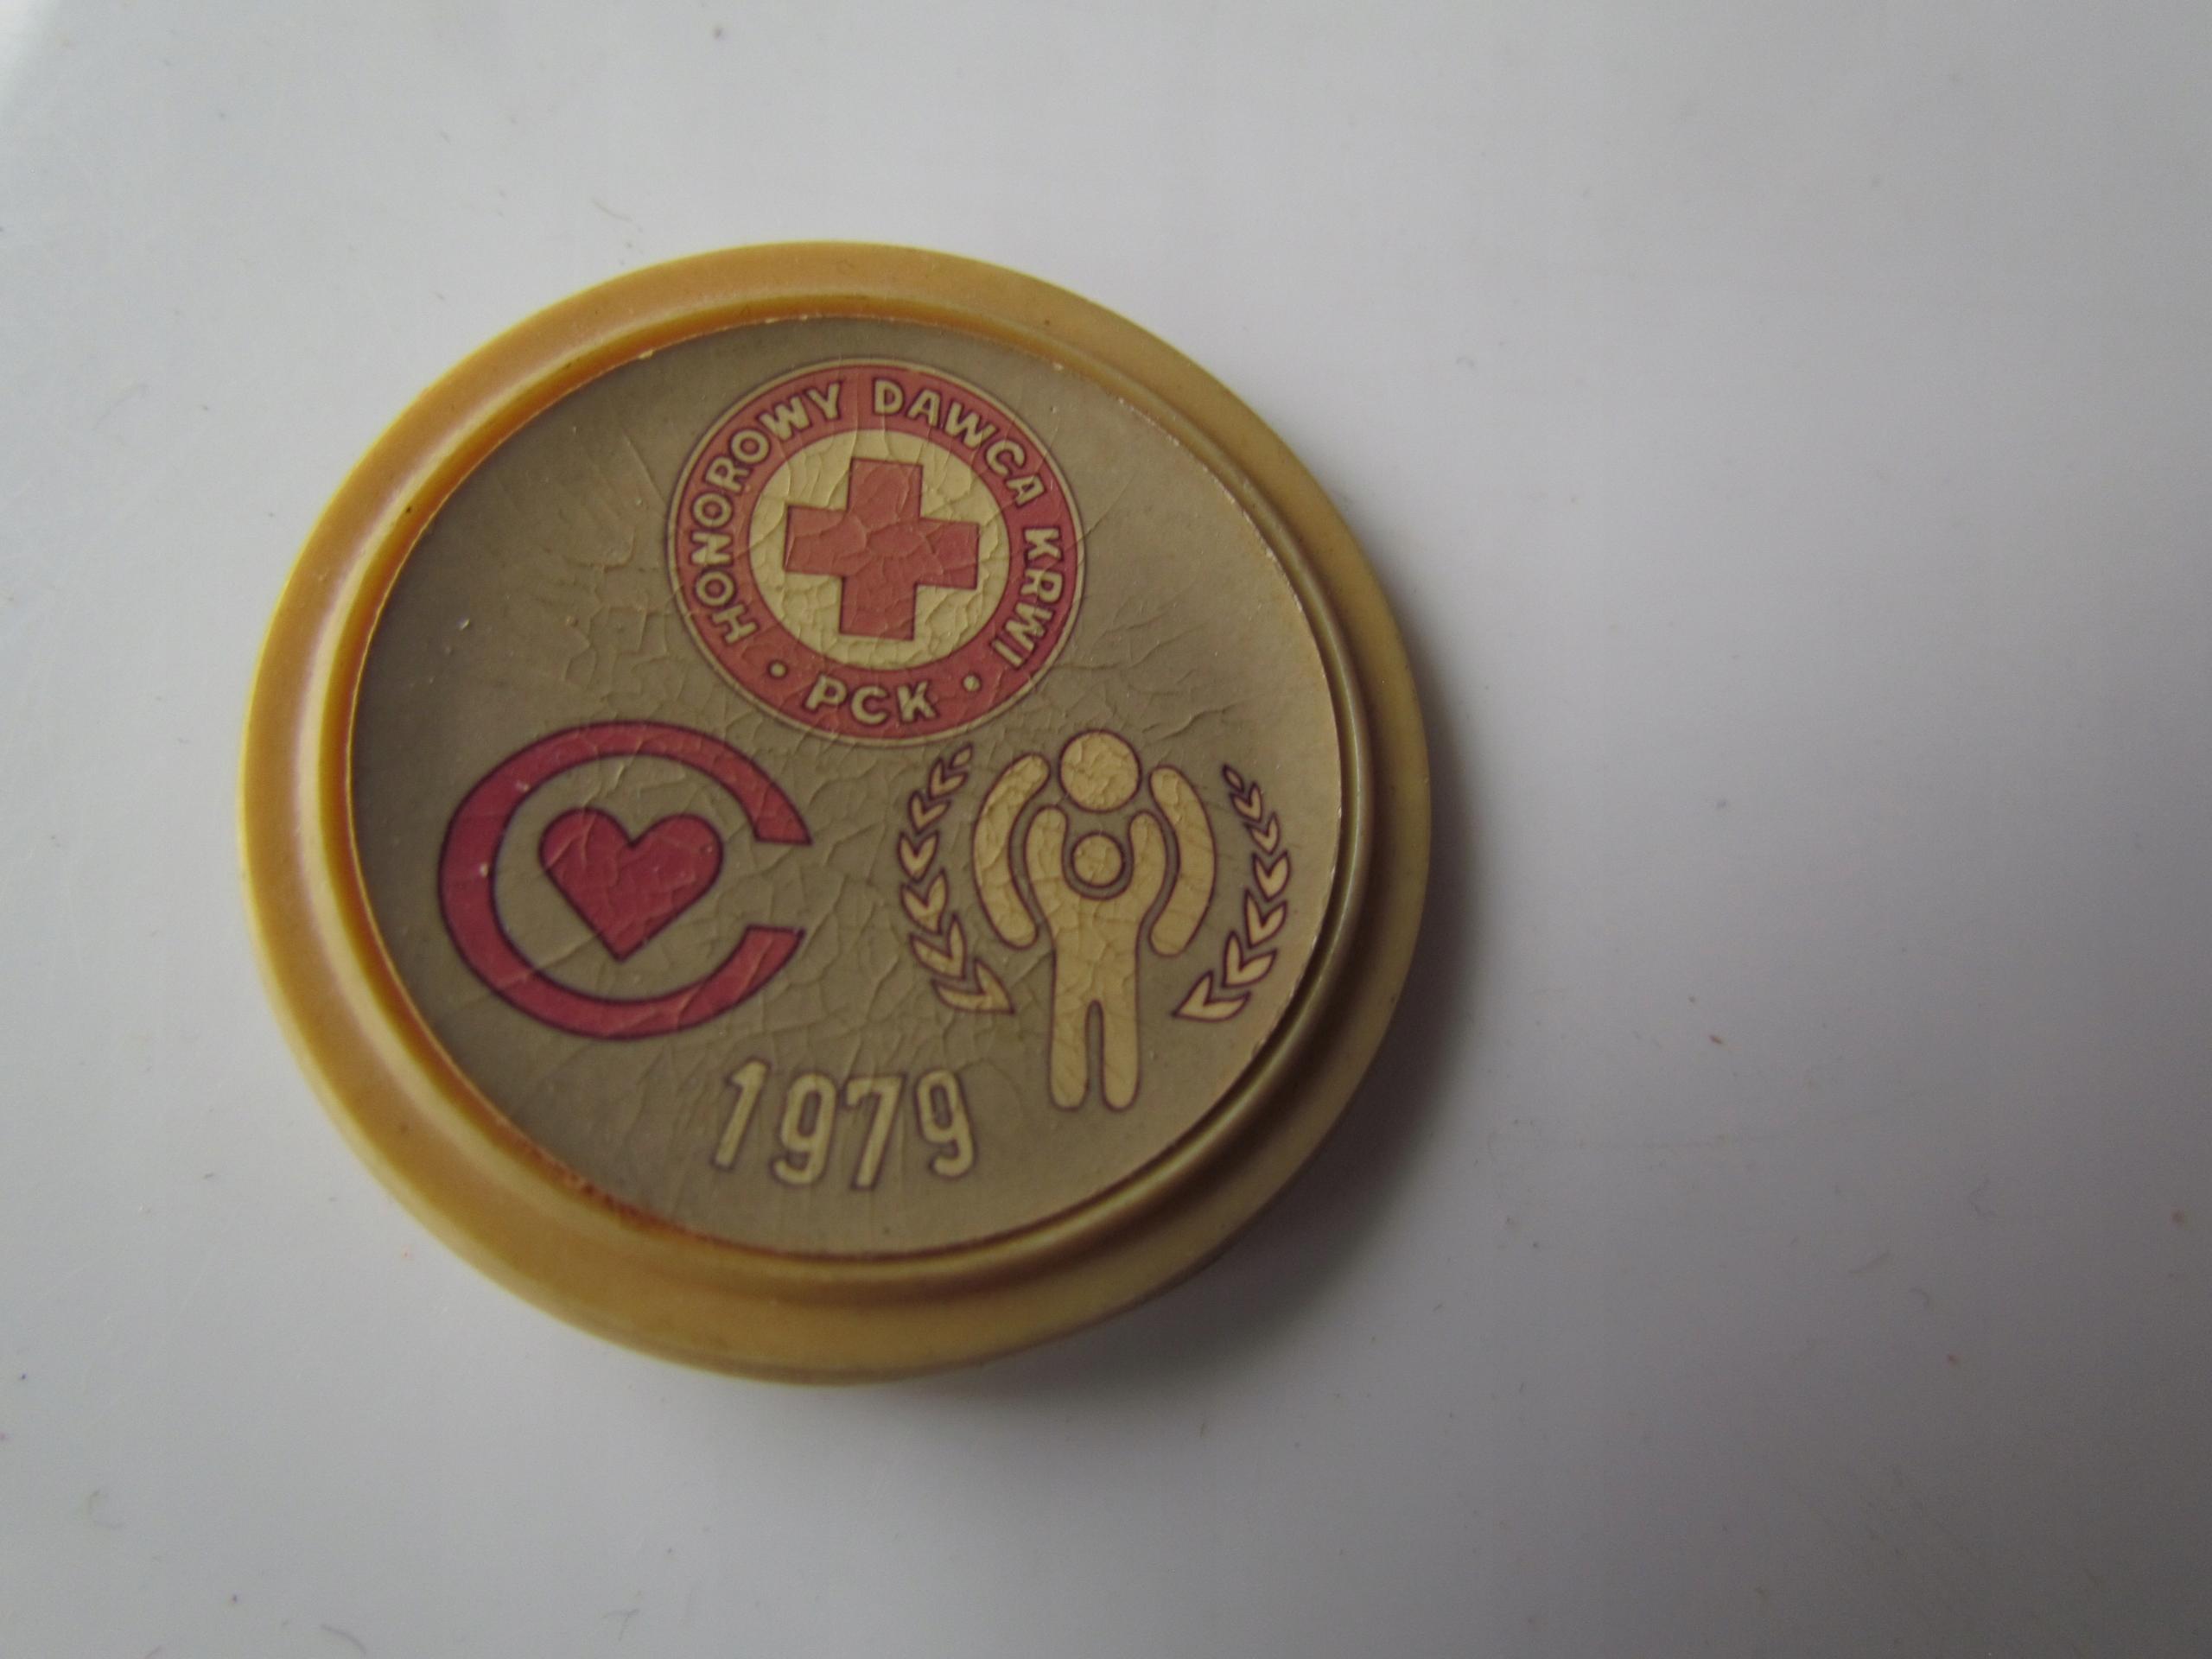 Przypinka PCK 1979 Honorowy Dawca Krwi Polski Czer